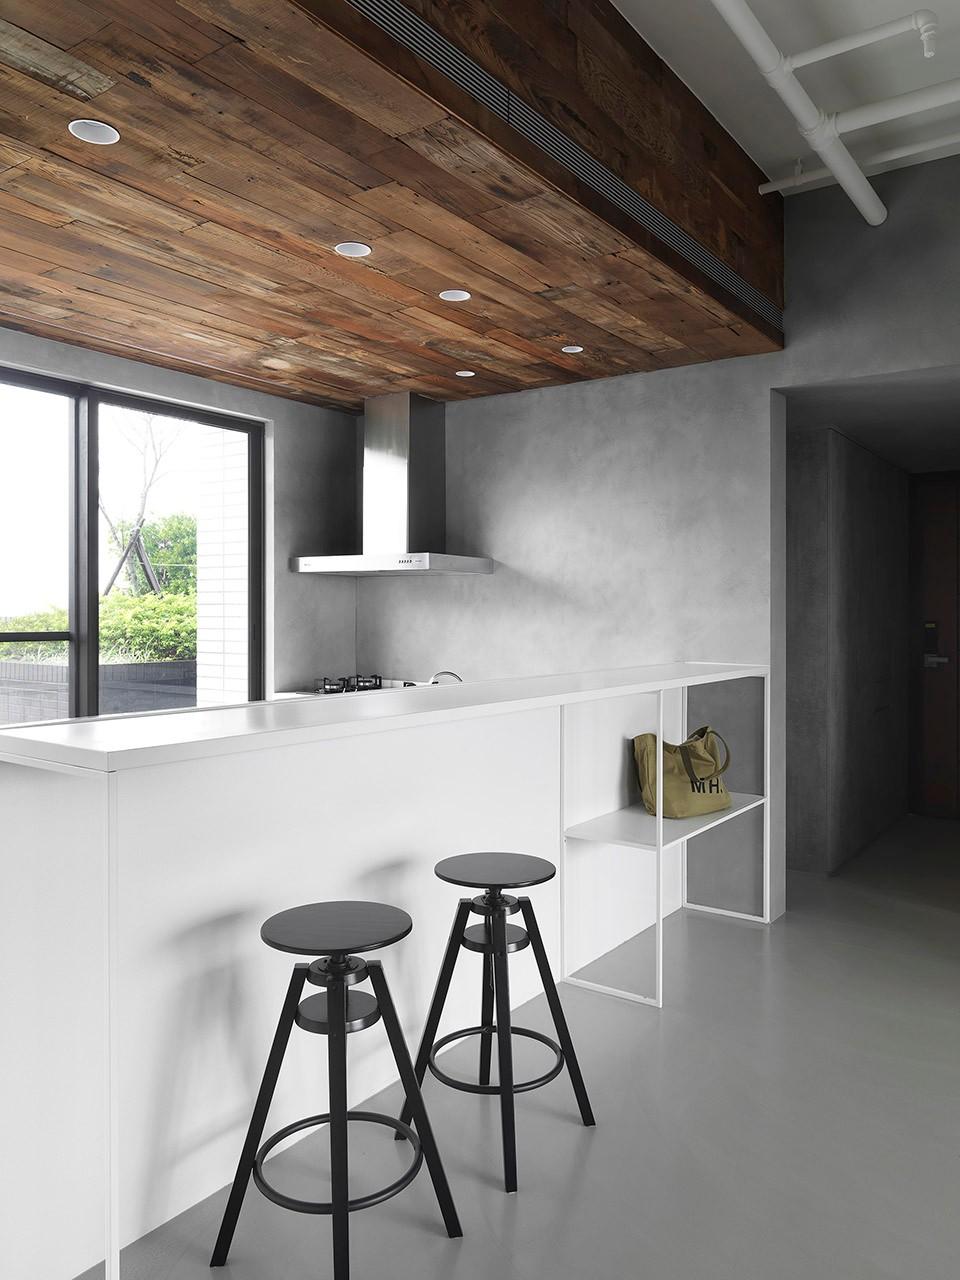 2020工业厨房装修图 2020工业厨房岛台装饰设计